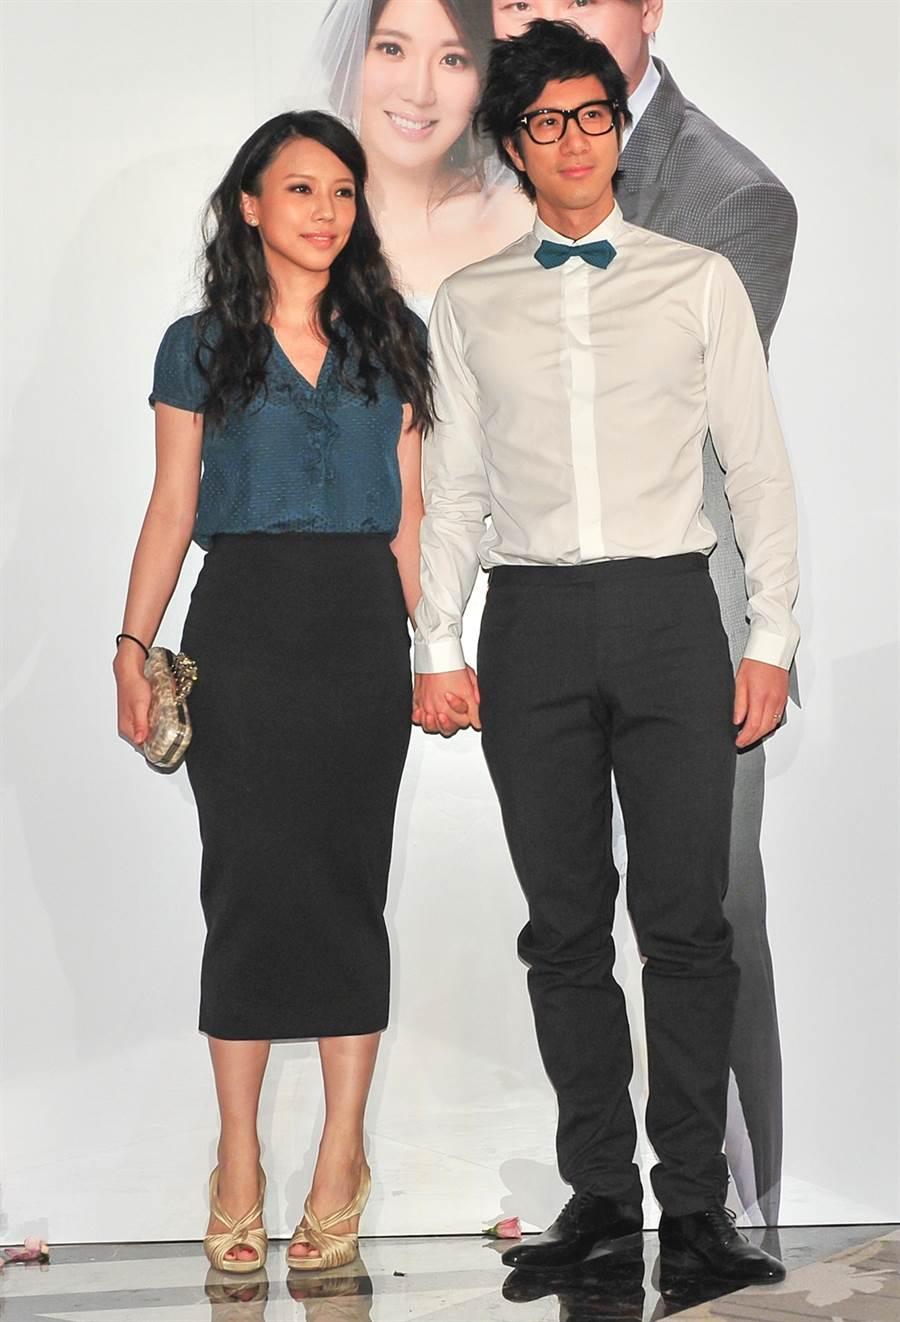 王力宏妻子李靚蕾也受邀參加婚禮。(圖/中時資料照片)